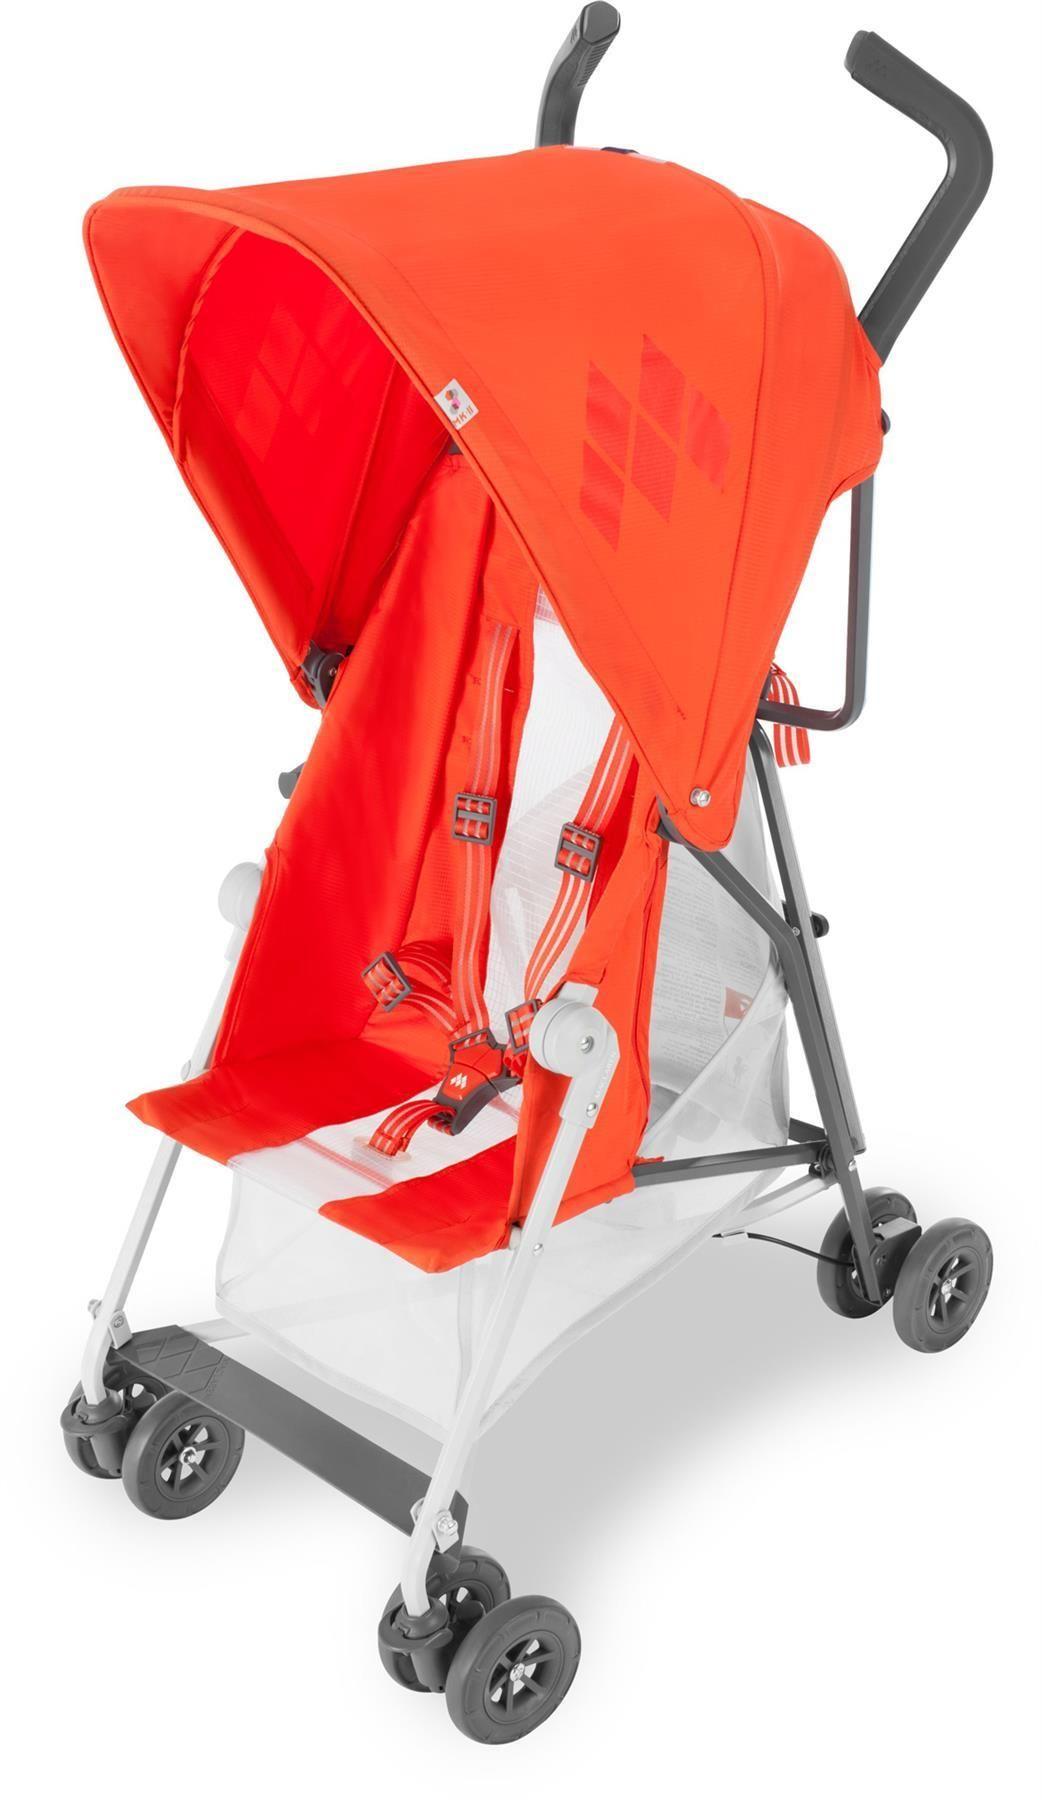 Maclaren Mark II Stroller Spicy Orange in 2020